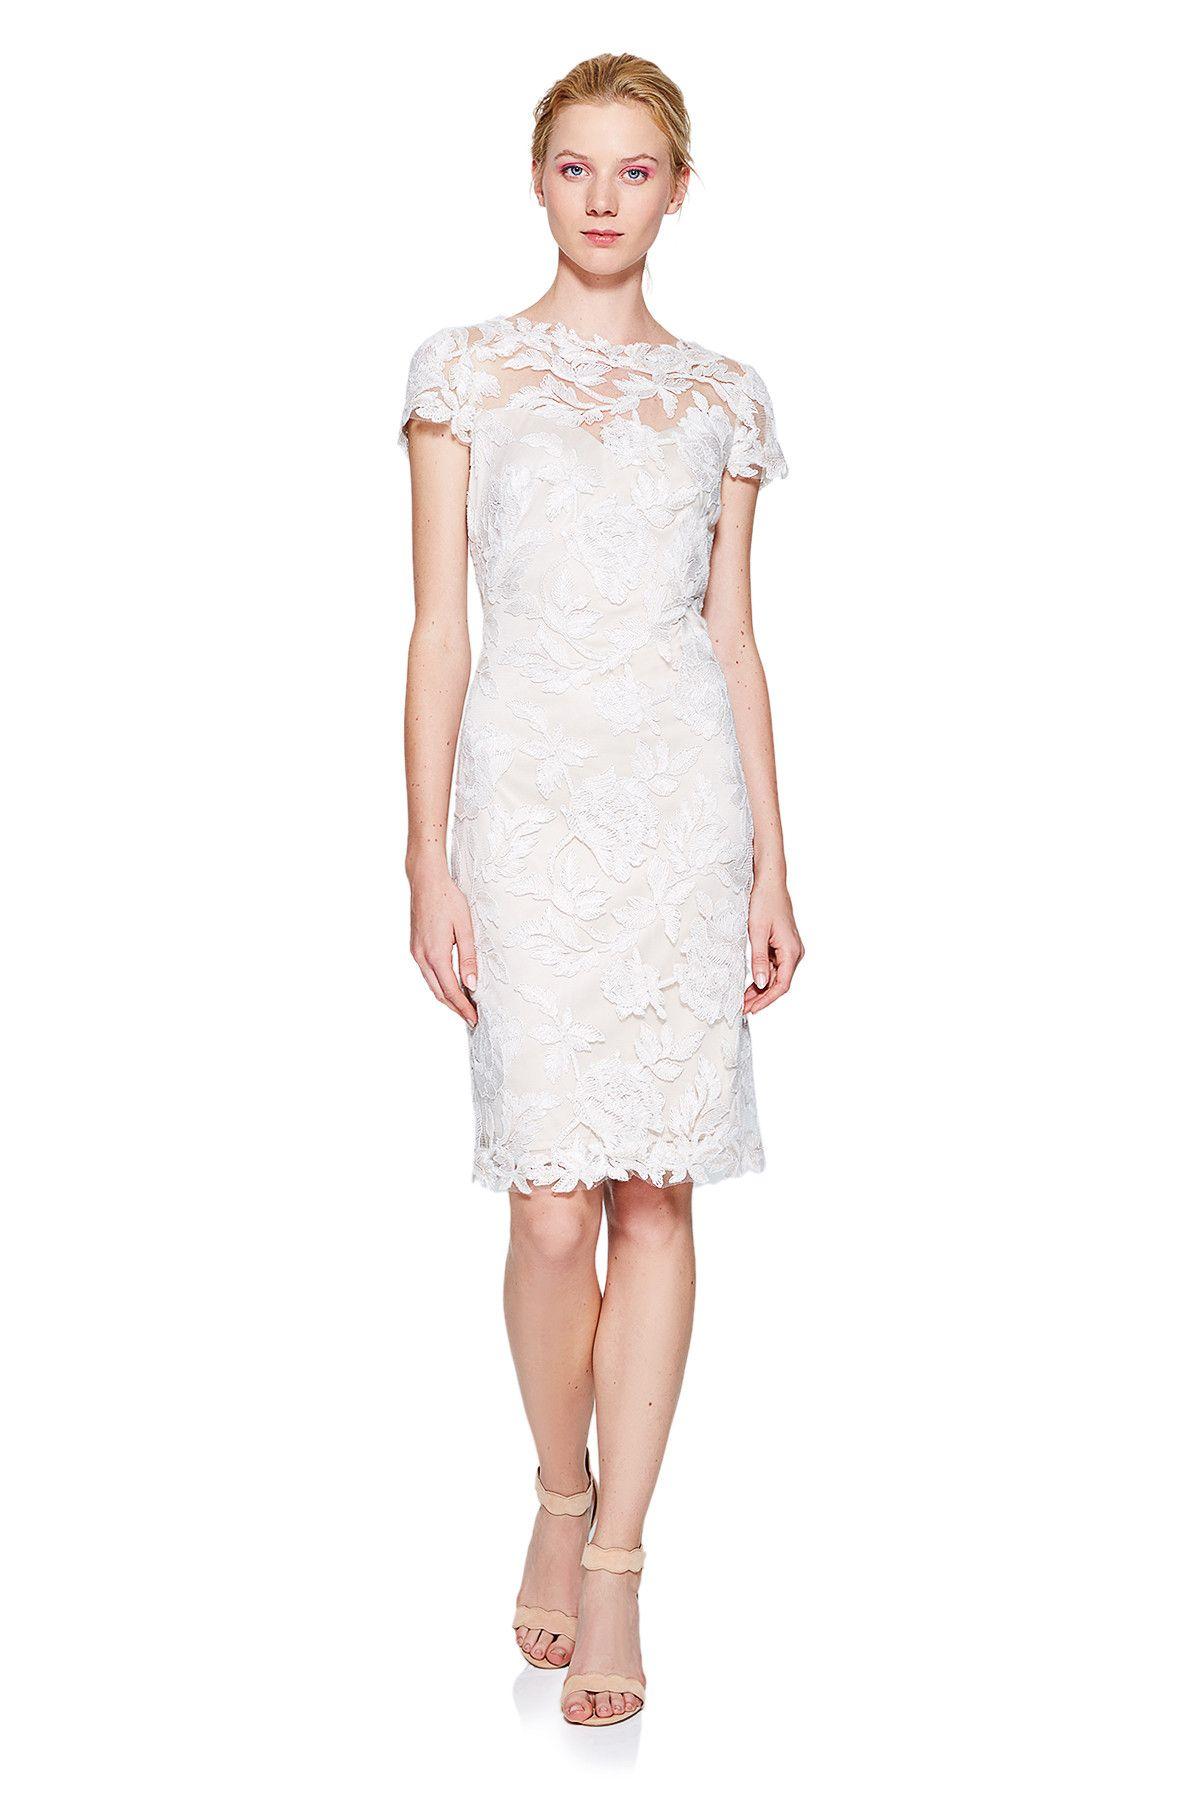 de1498bce22 Tadashi Shoji - Halona Dress